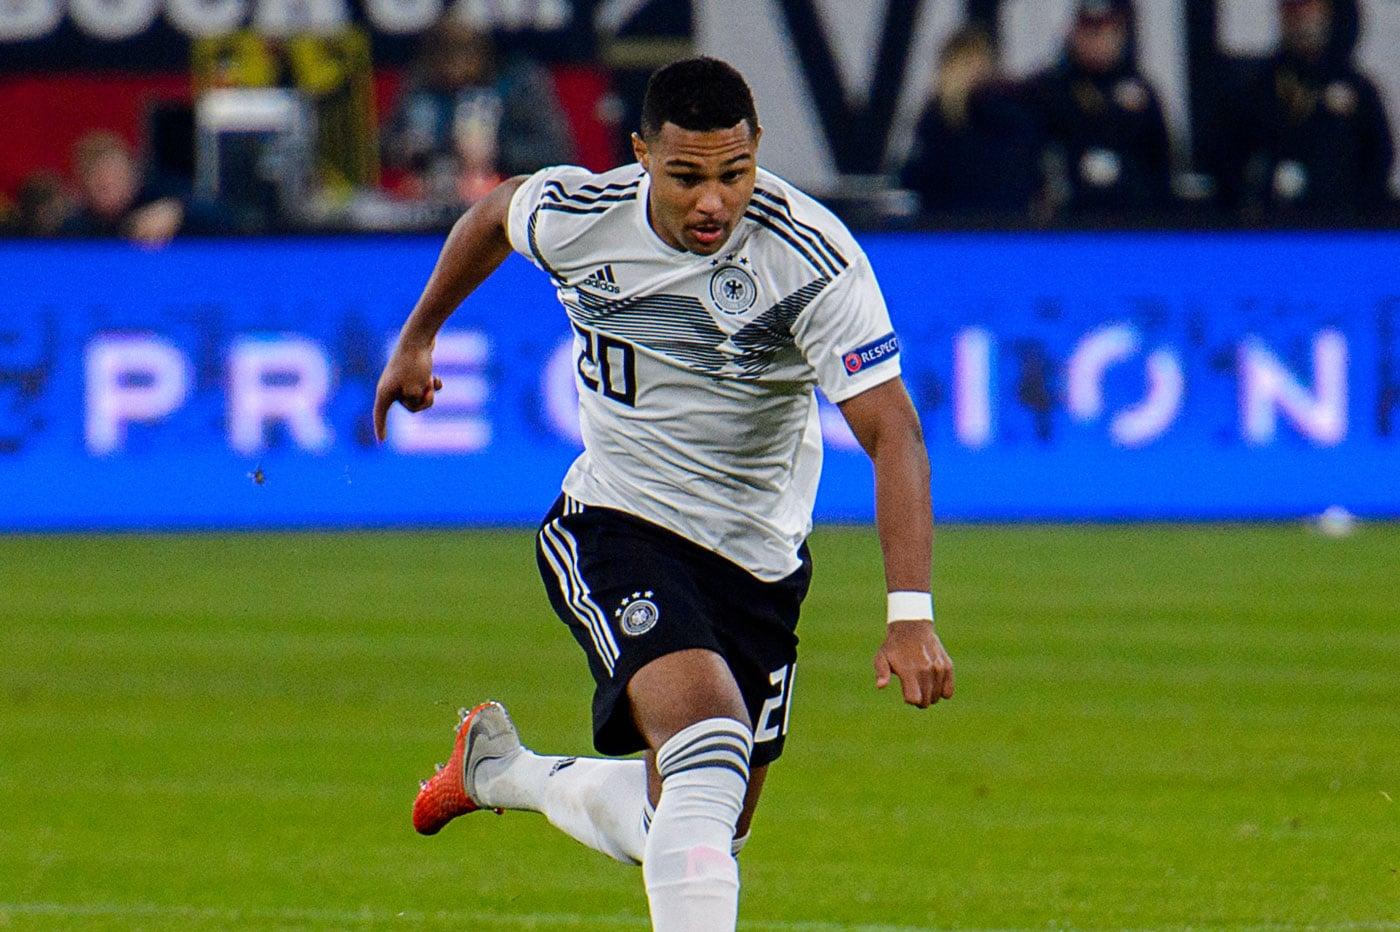 Serge Gnabry mit der DFB Trikot Nummer 20 gegen die Niederlande ijn der EM 2020 Qualifikation. (Foto Shutterstock)